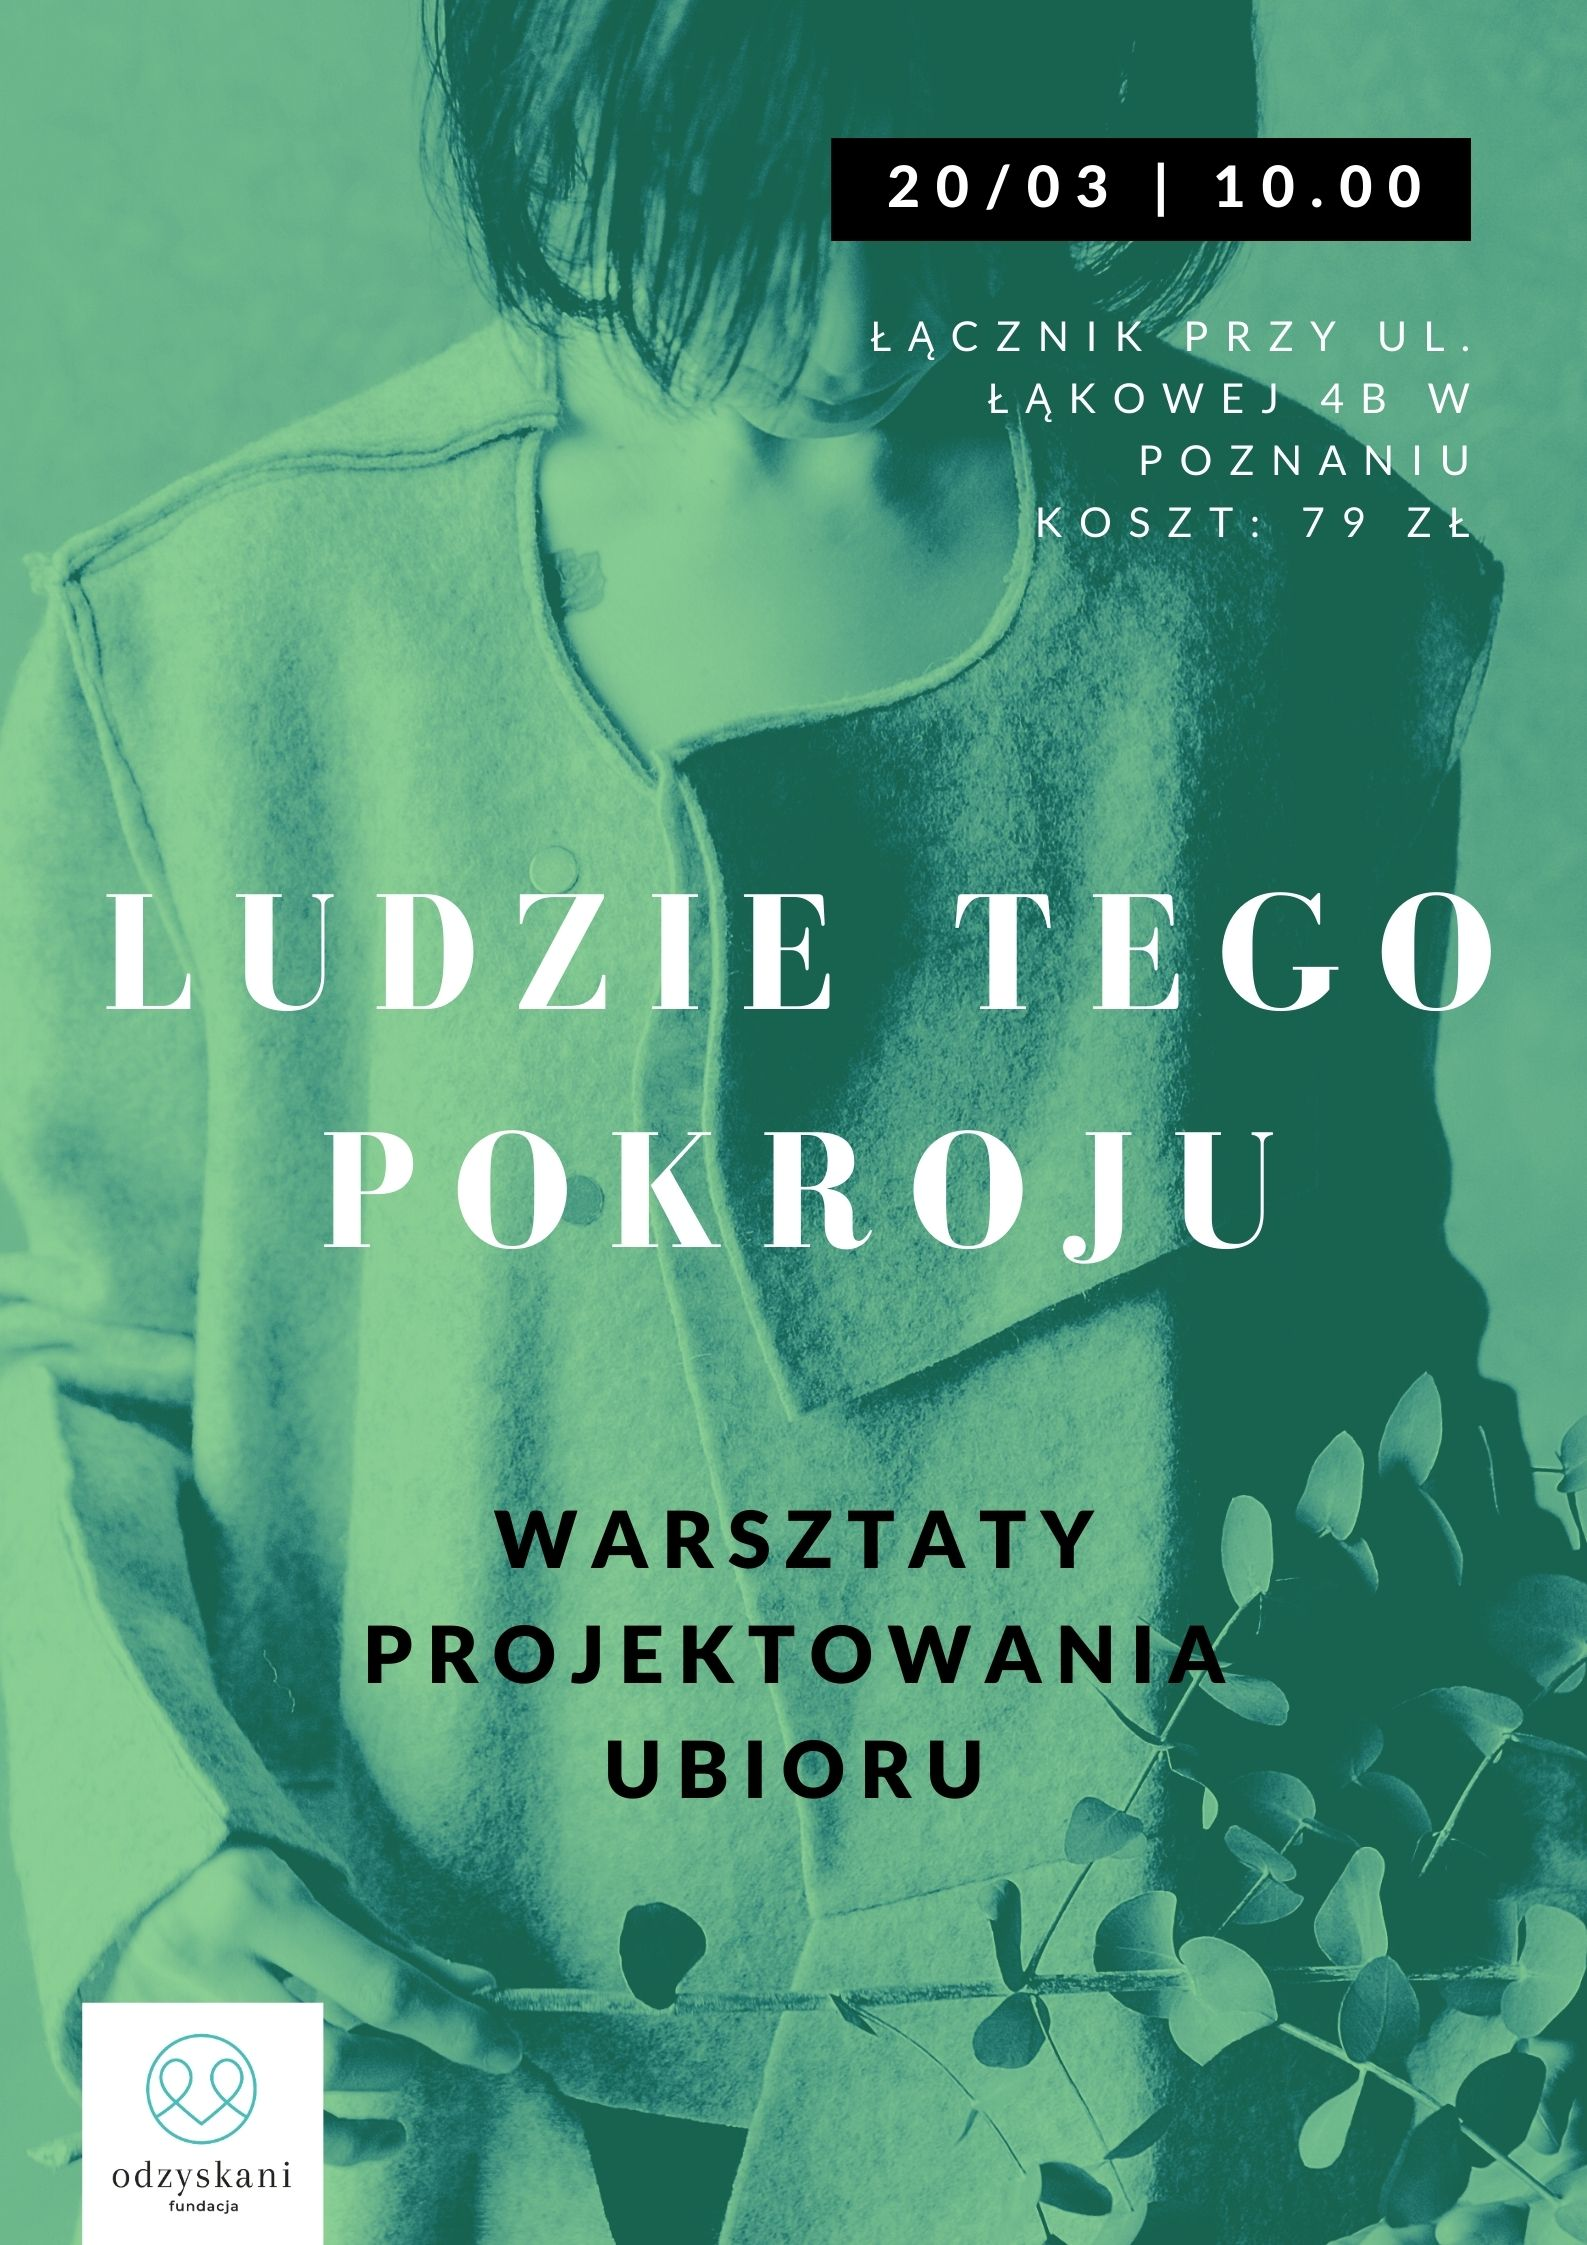 Ludzie tego poKroju to warsztaty dla młodzieży z projektowania odzieży, które organizuje Fundacja Odzyskani. Warsztaty odbywają się w Poznaniu.